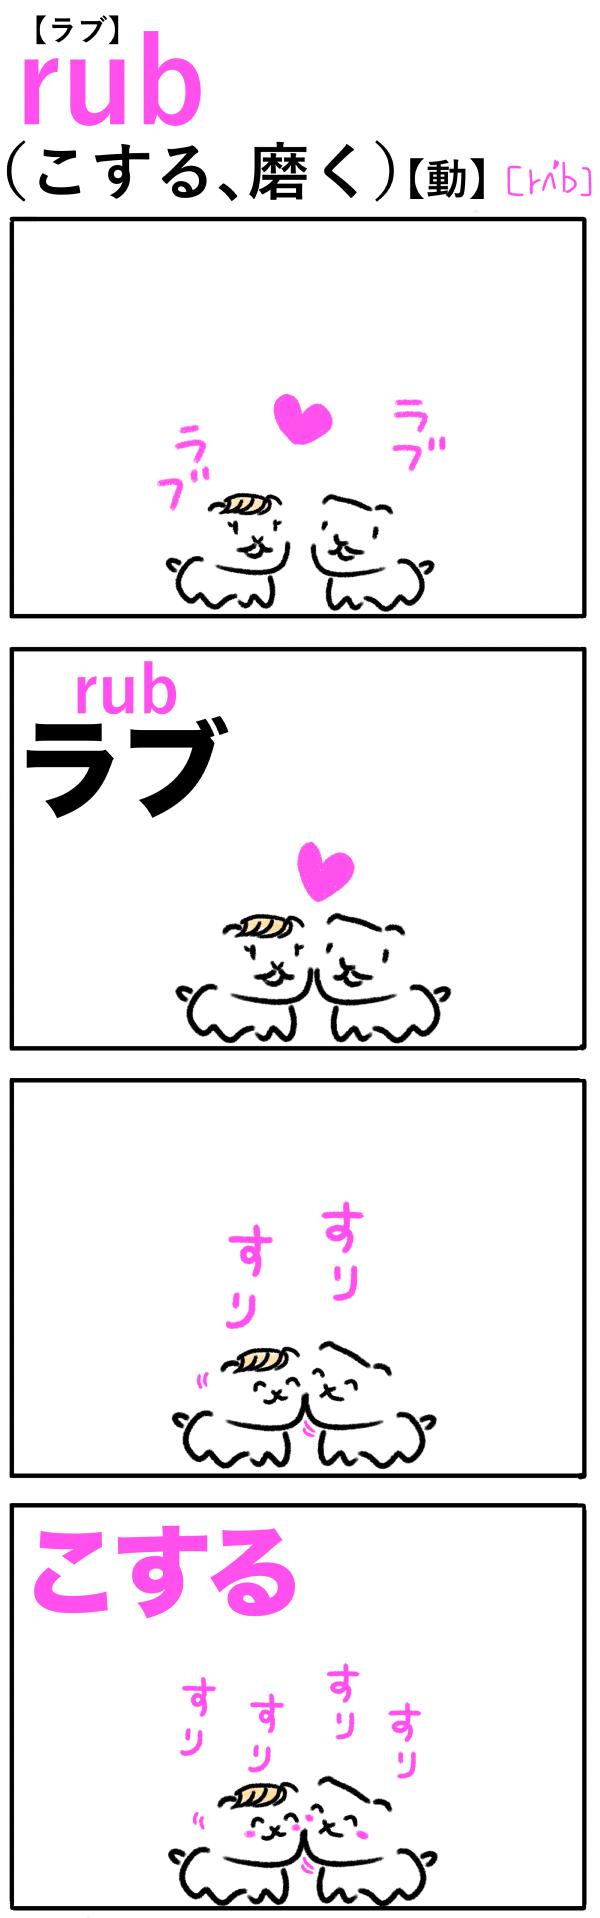 rub(こする、磨く)の語呂合わせ英単語